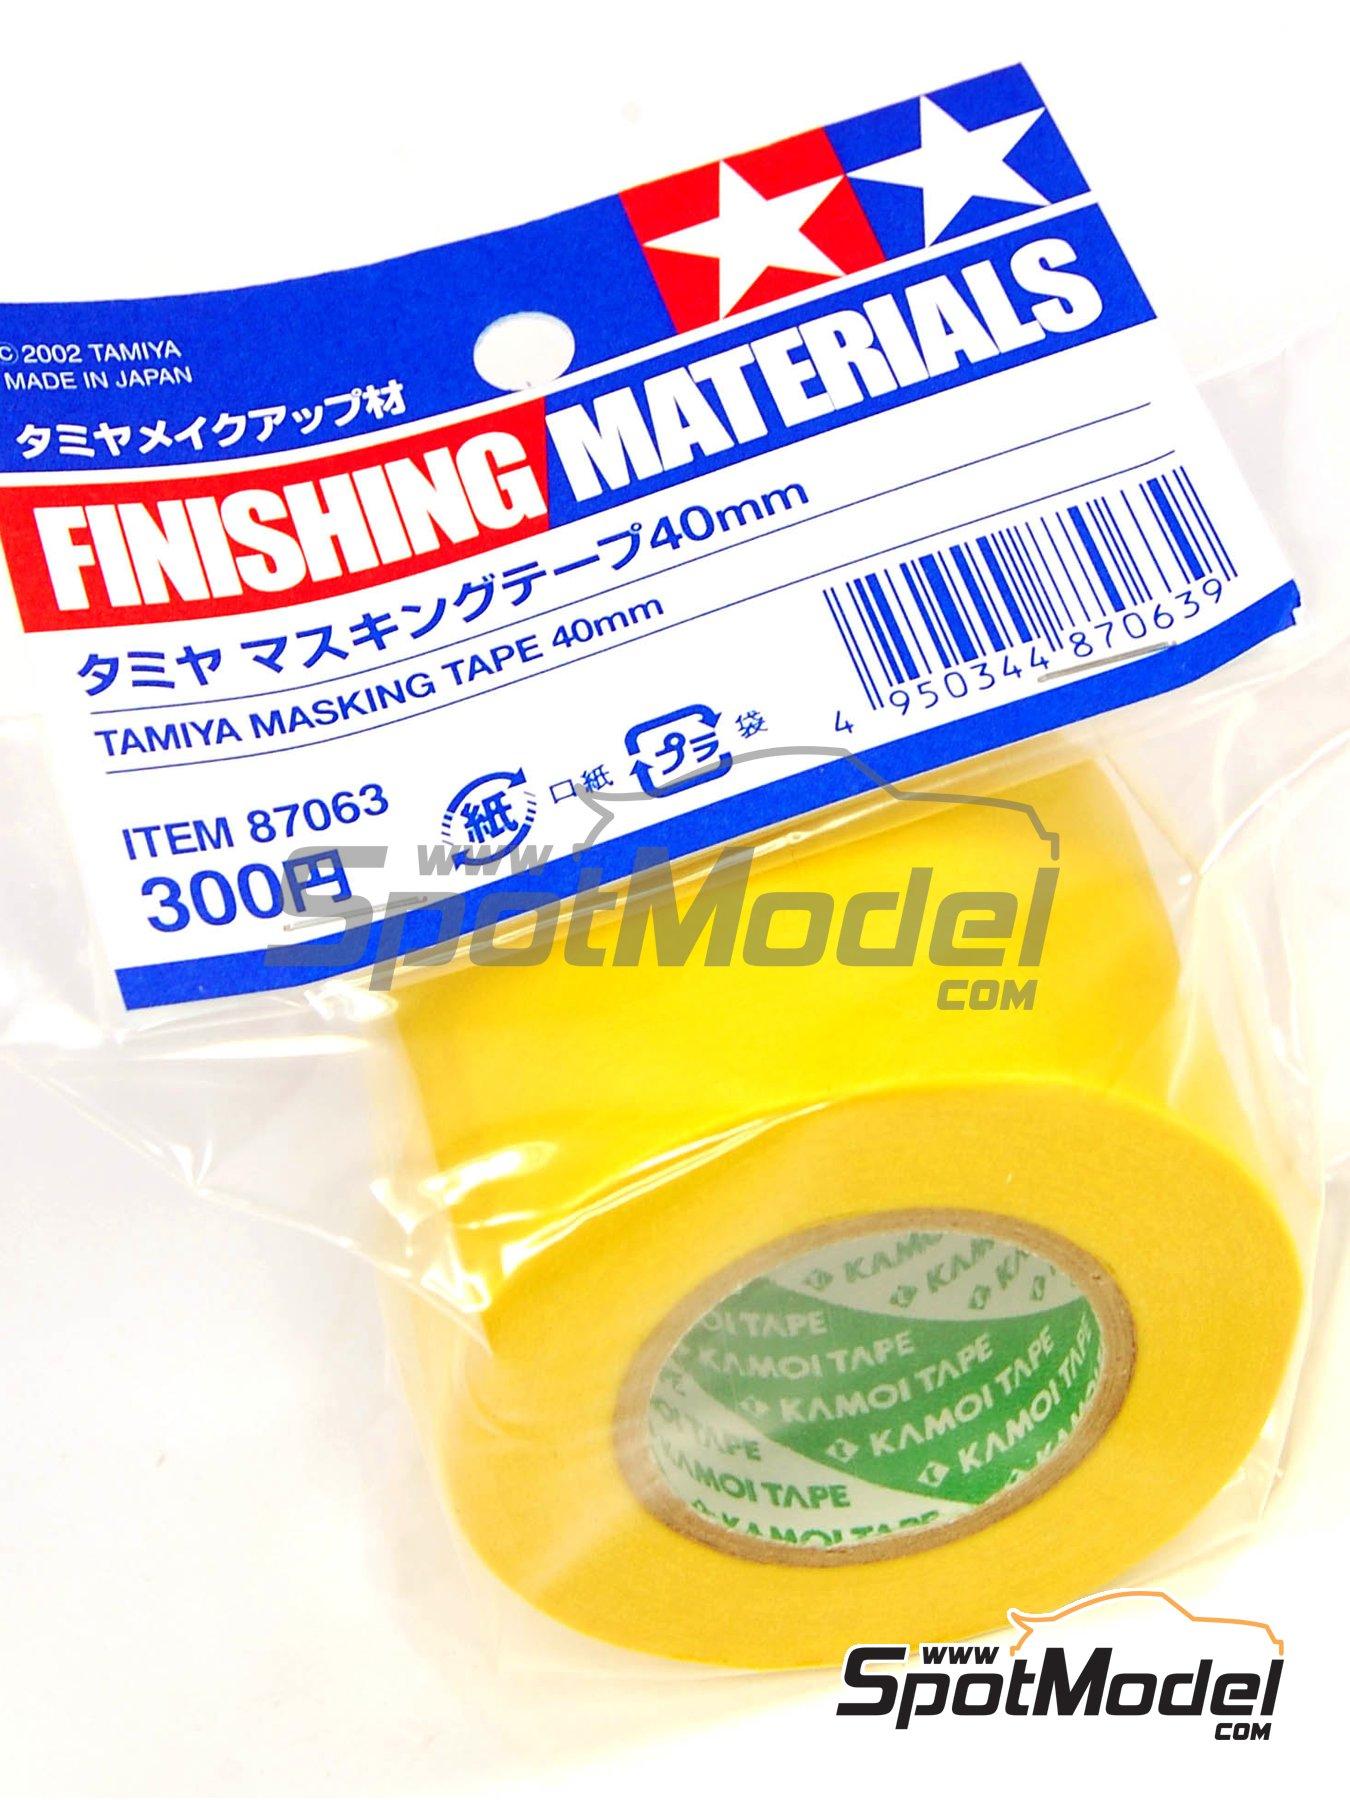 Masking Tape 40mm | Masks manufactured by Tamiya (ref.TAM87063) image